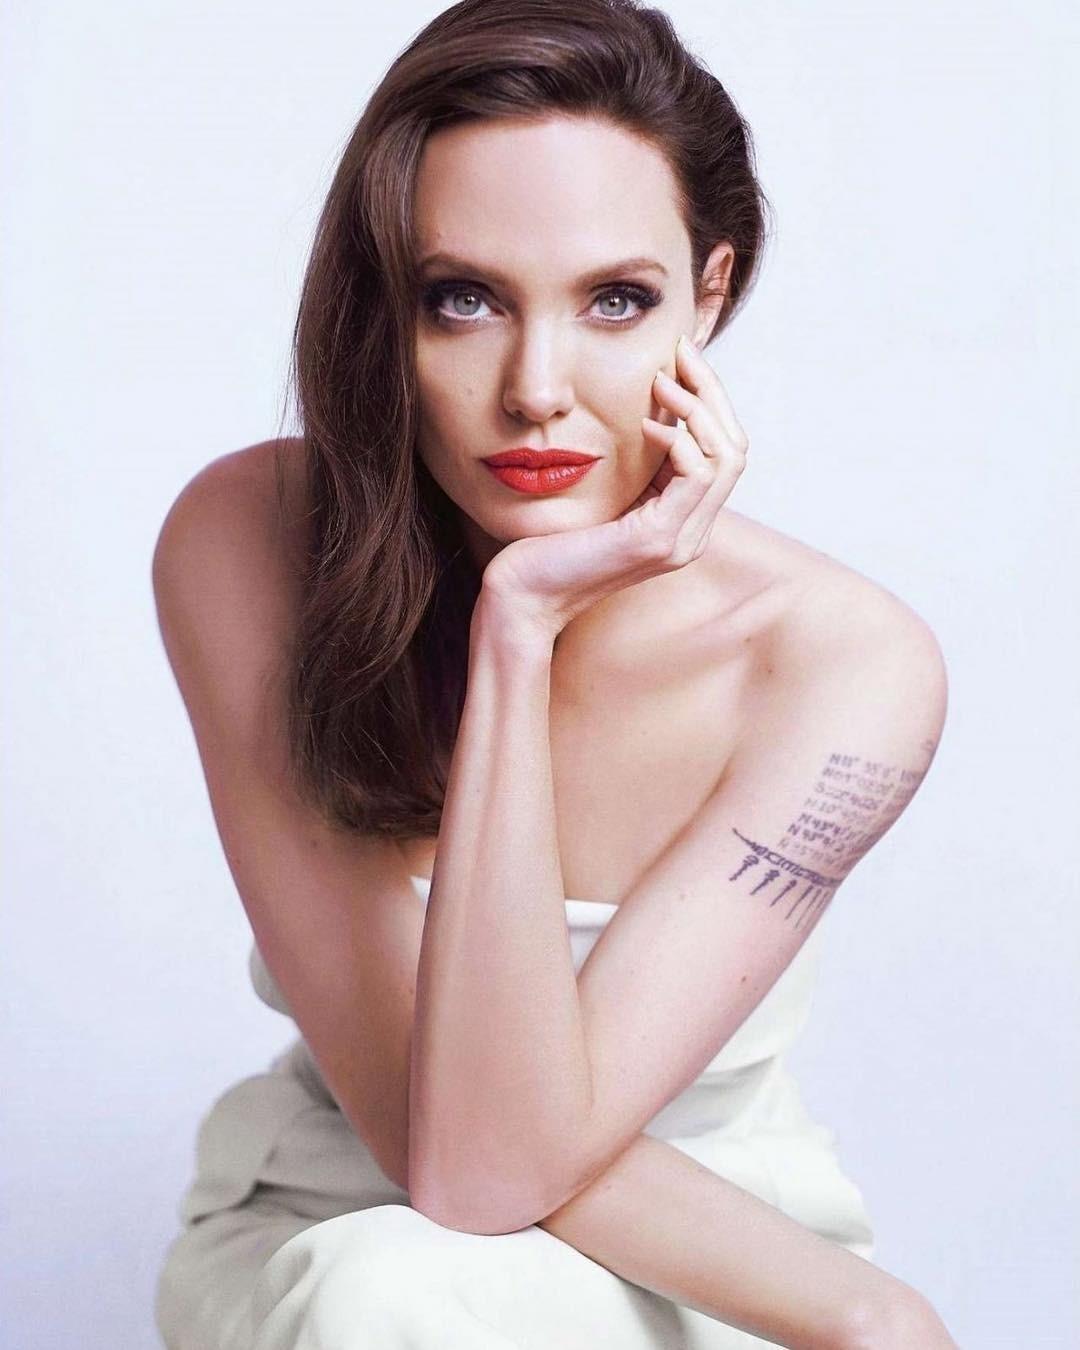 Анджелина Джоли решила попробовать себя на Бродвее (и поставила кинокарьеру на паузу)